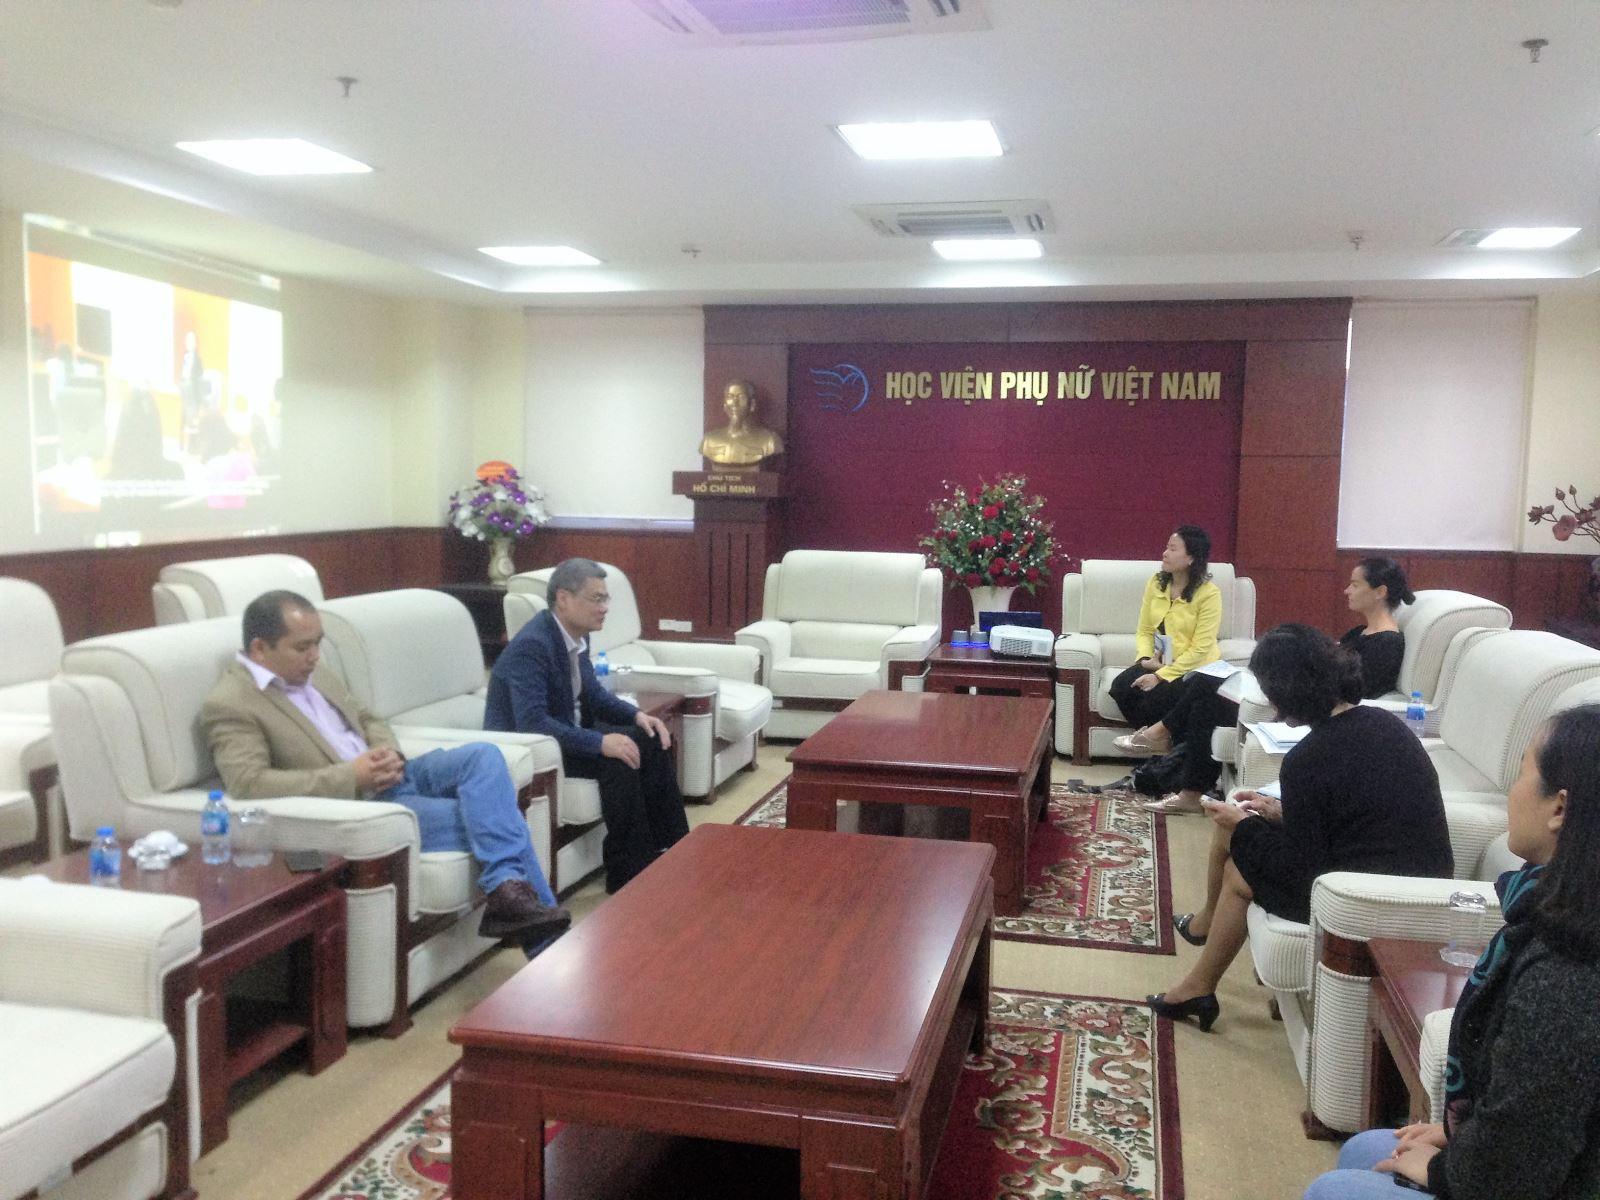 Học viện Phụ nữ Việt Nam đón tiếp tình nguyện viên Australia